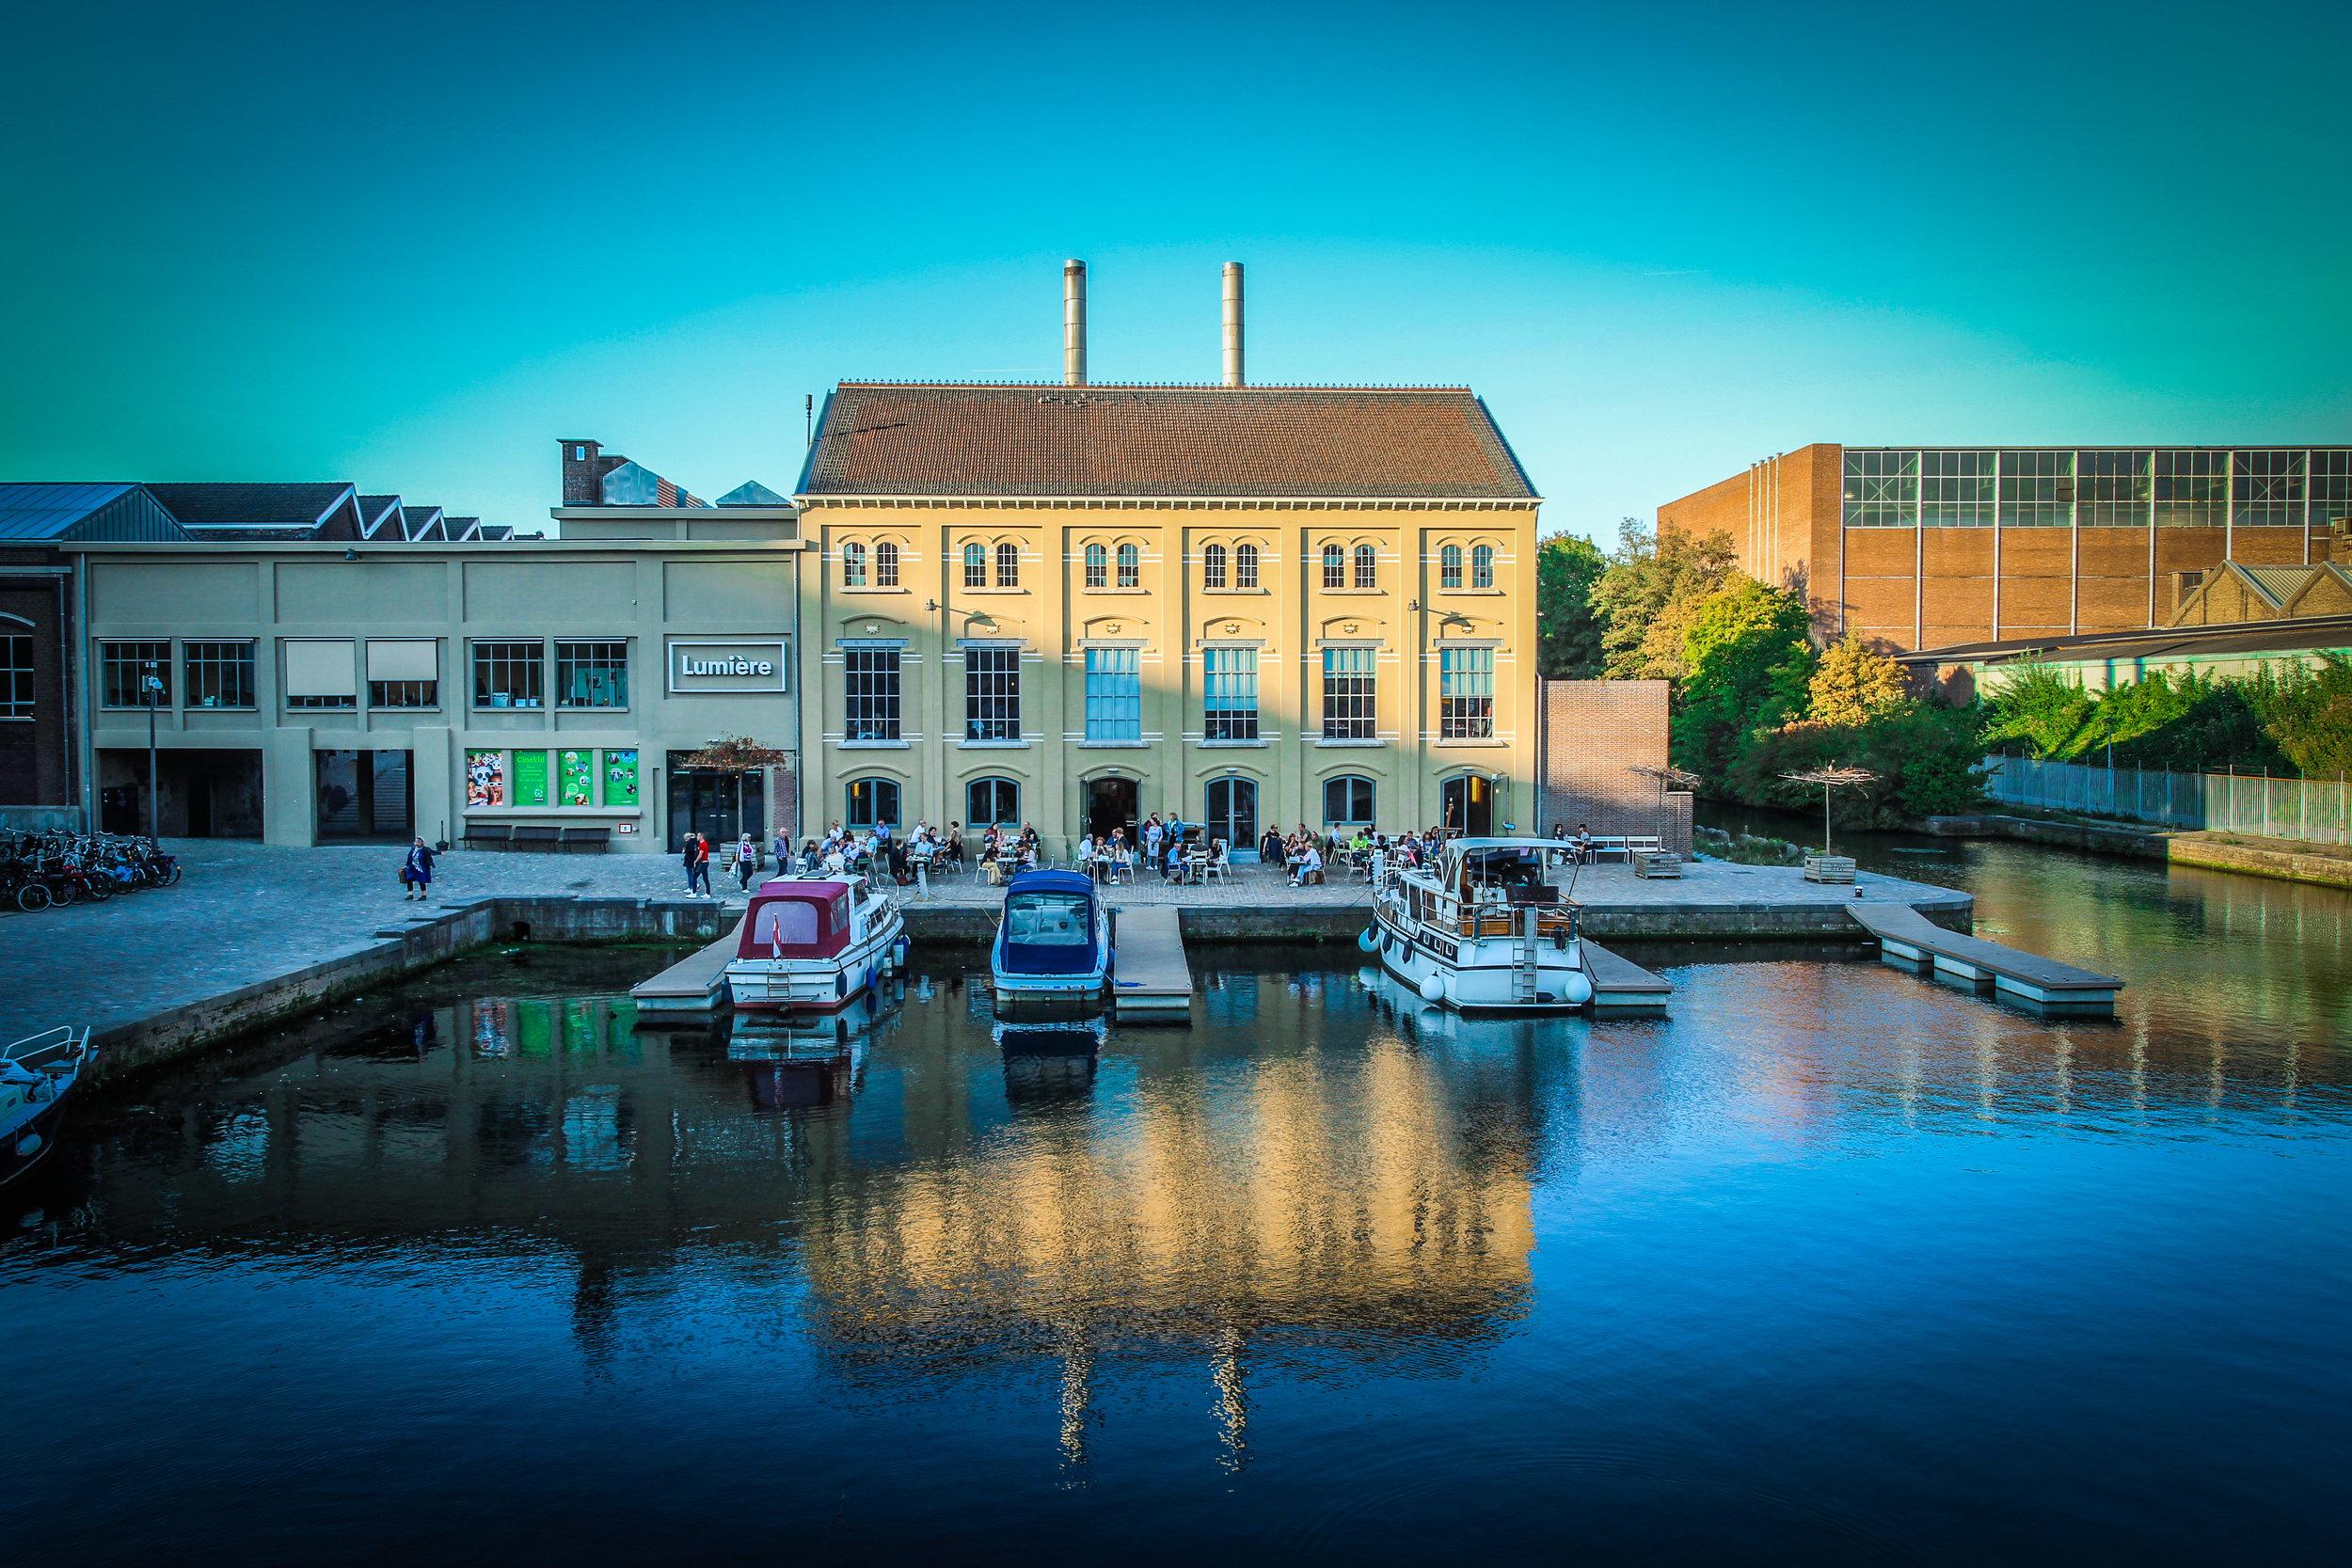 Lumiere_Maastricht_bioscoop-14.JPG